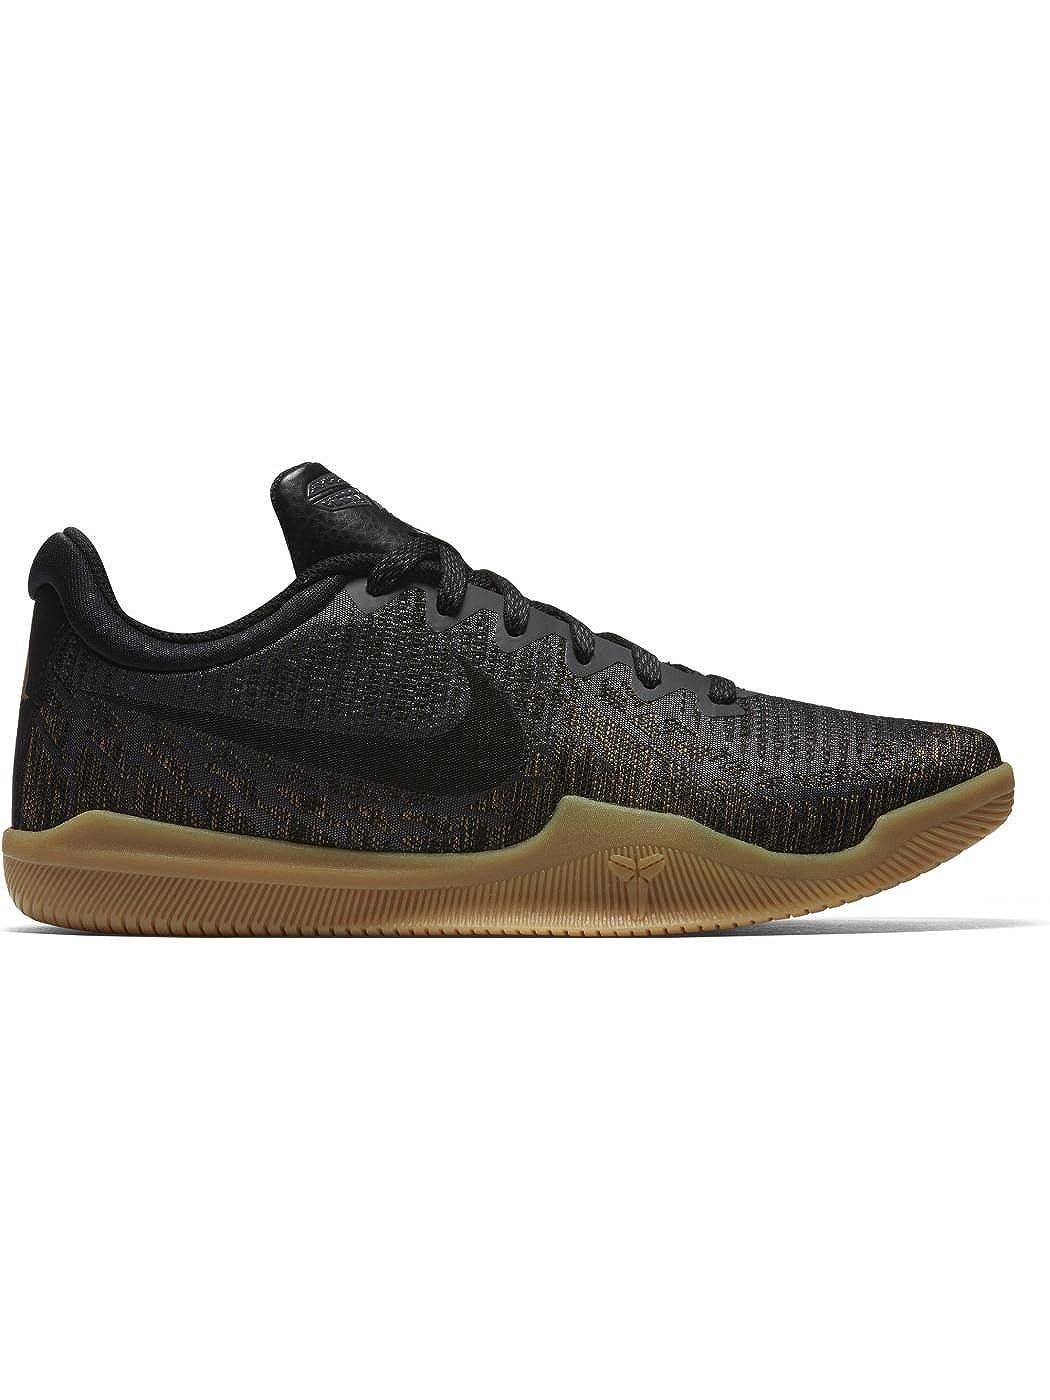 Nike Herren Mamba Rage Fitnessschuhe PRM nnfwsn1479 Hallen